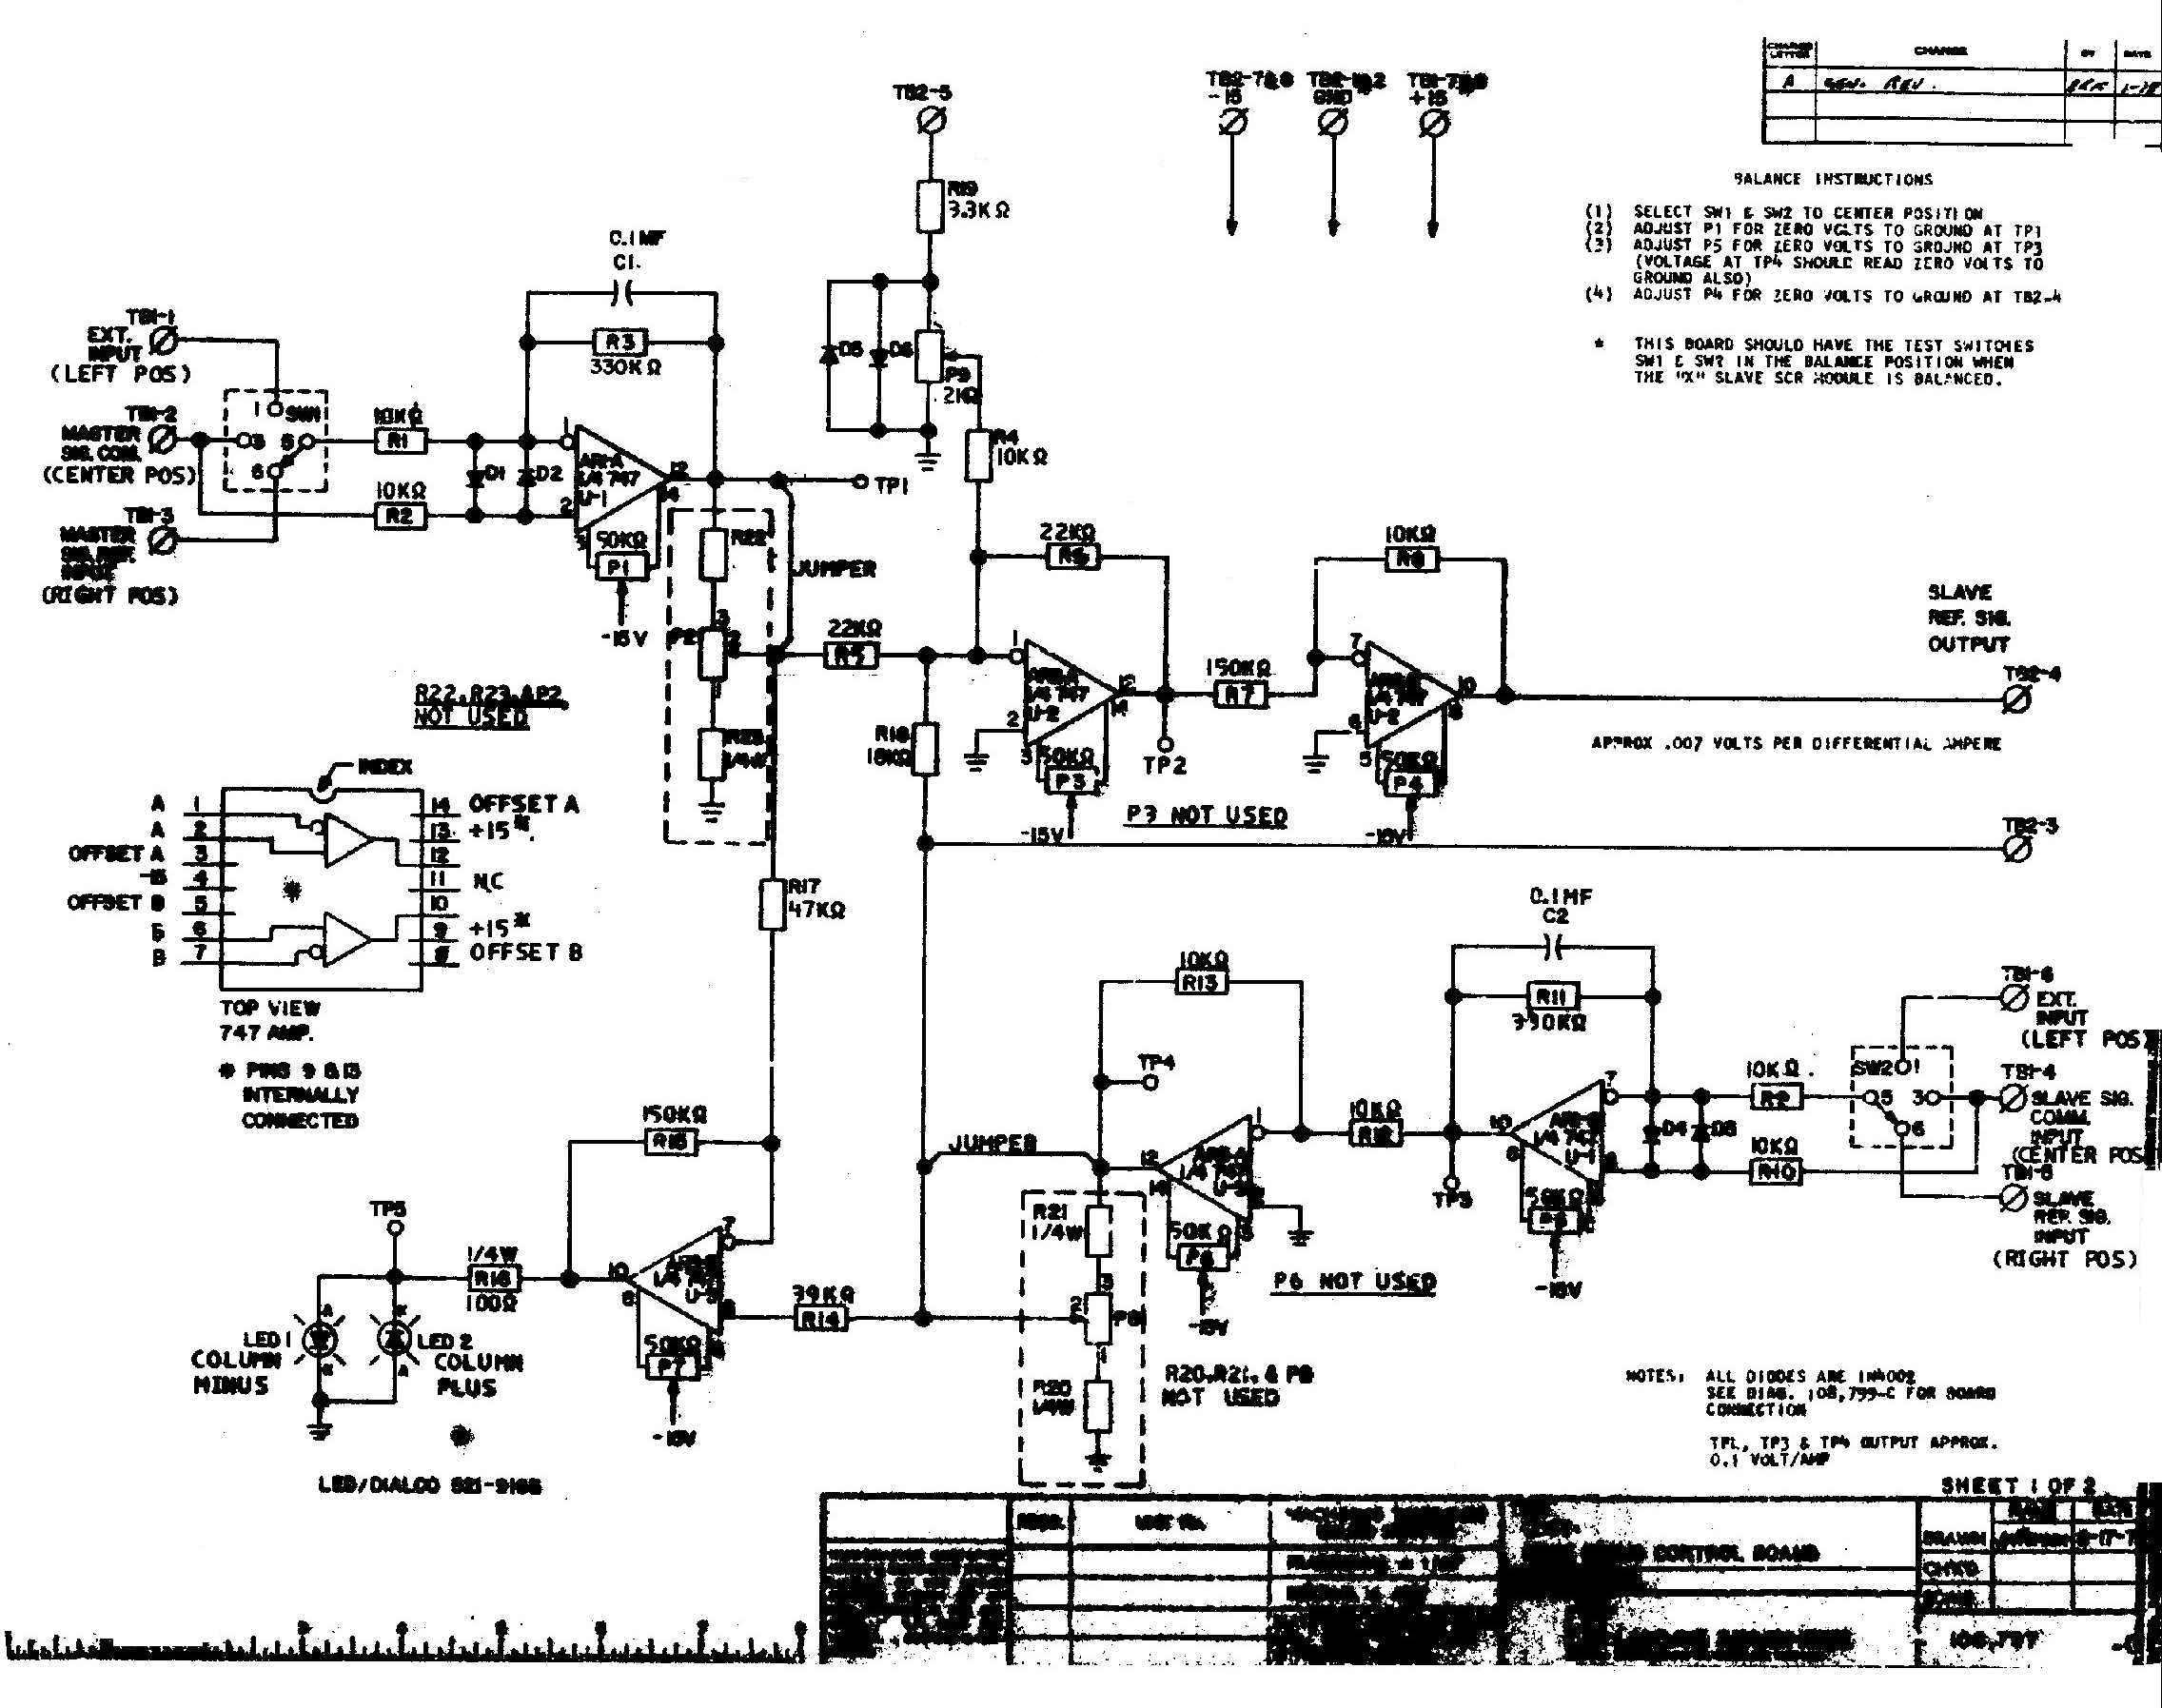 m997 wiring diagram